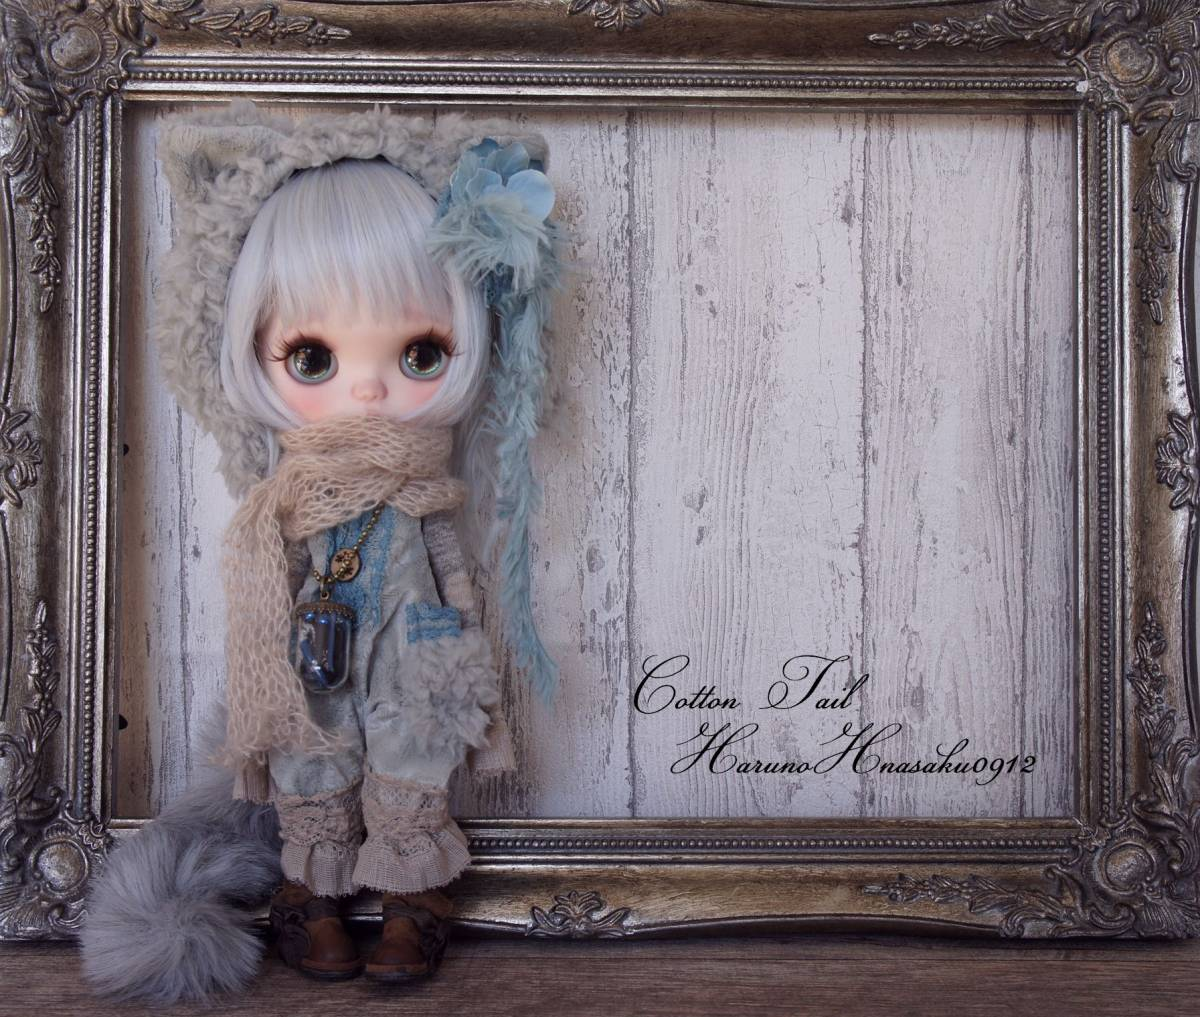 ◆CottonTail × harunohanasaku0912さま◆  ロシアンブルーの仔猫ちゃん カスタムブライス  ピュアニーSボディ